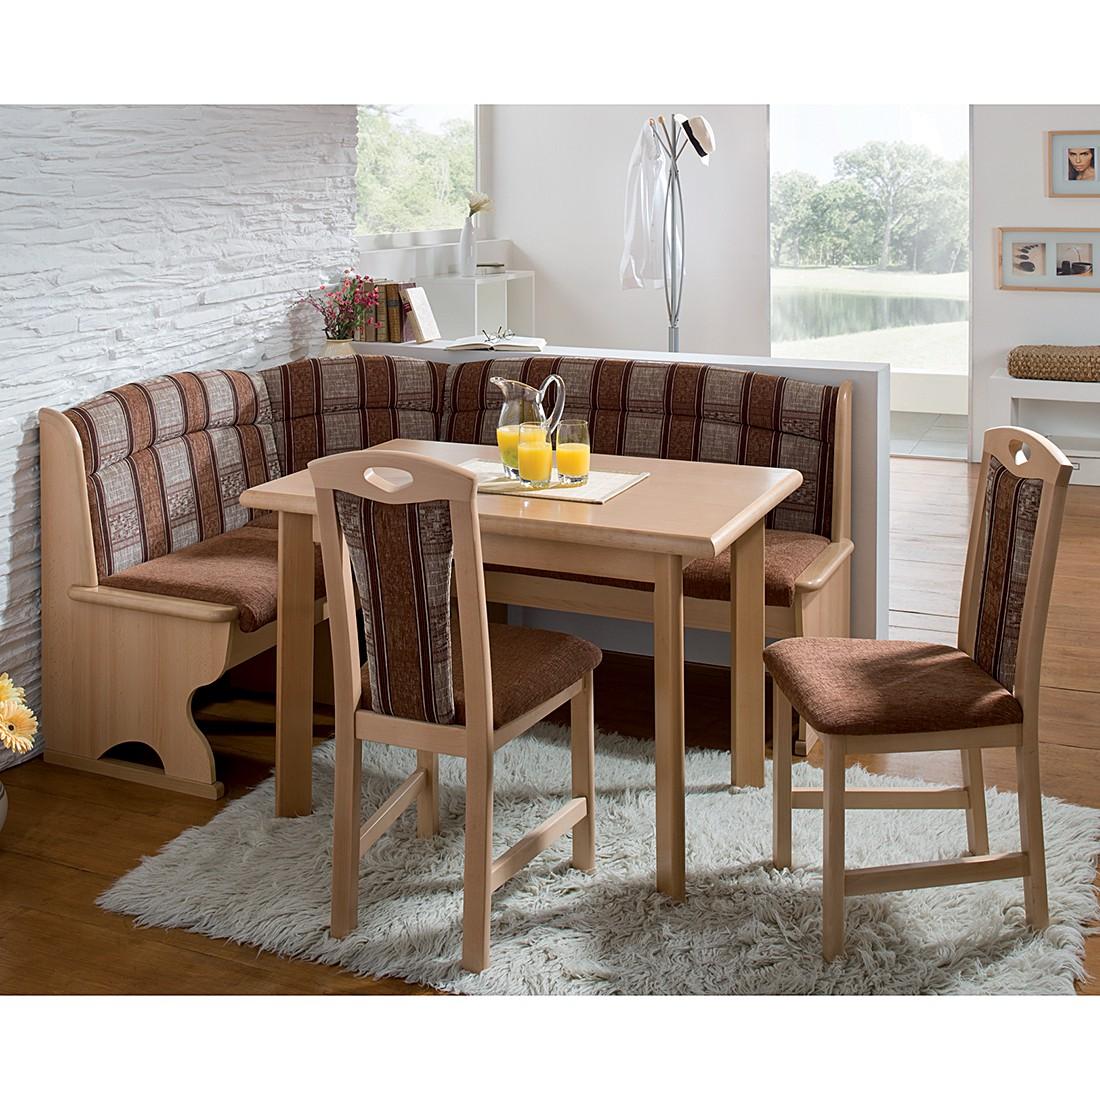 eckbankgruppen buche preisvergleich die besten angebote. Black Bedroom Furniture Sets. Home Design Ideas